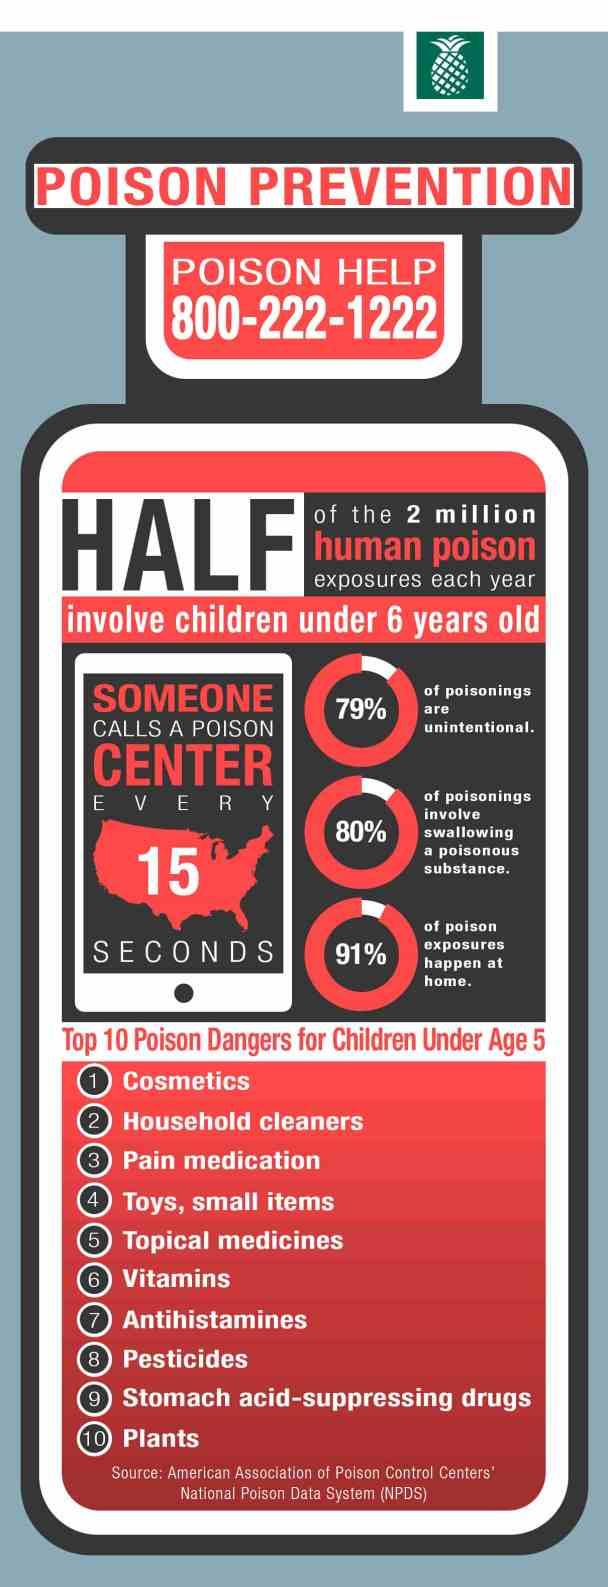 Tip 10 poison dangers for kids